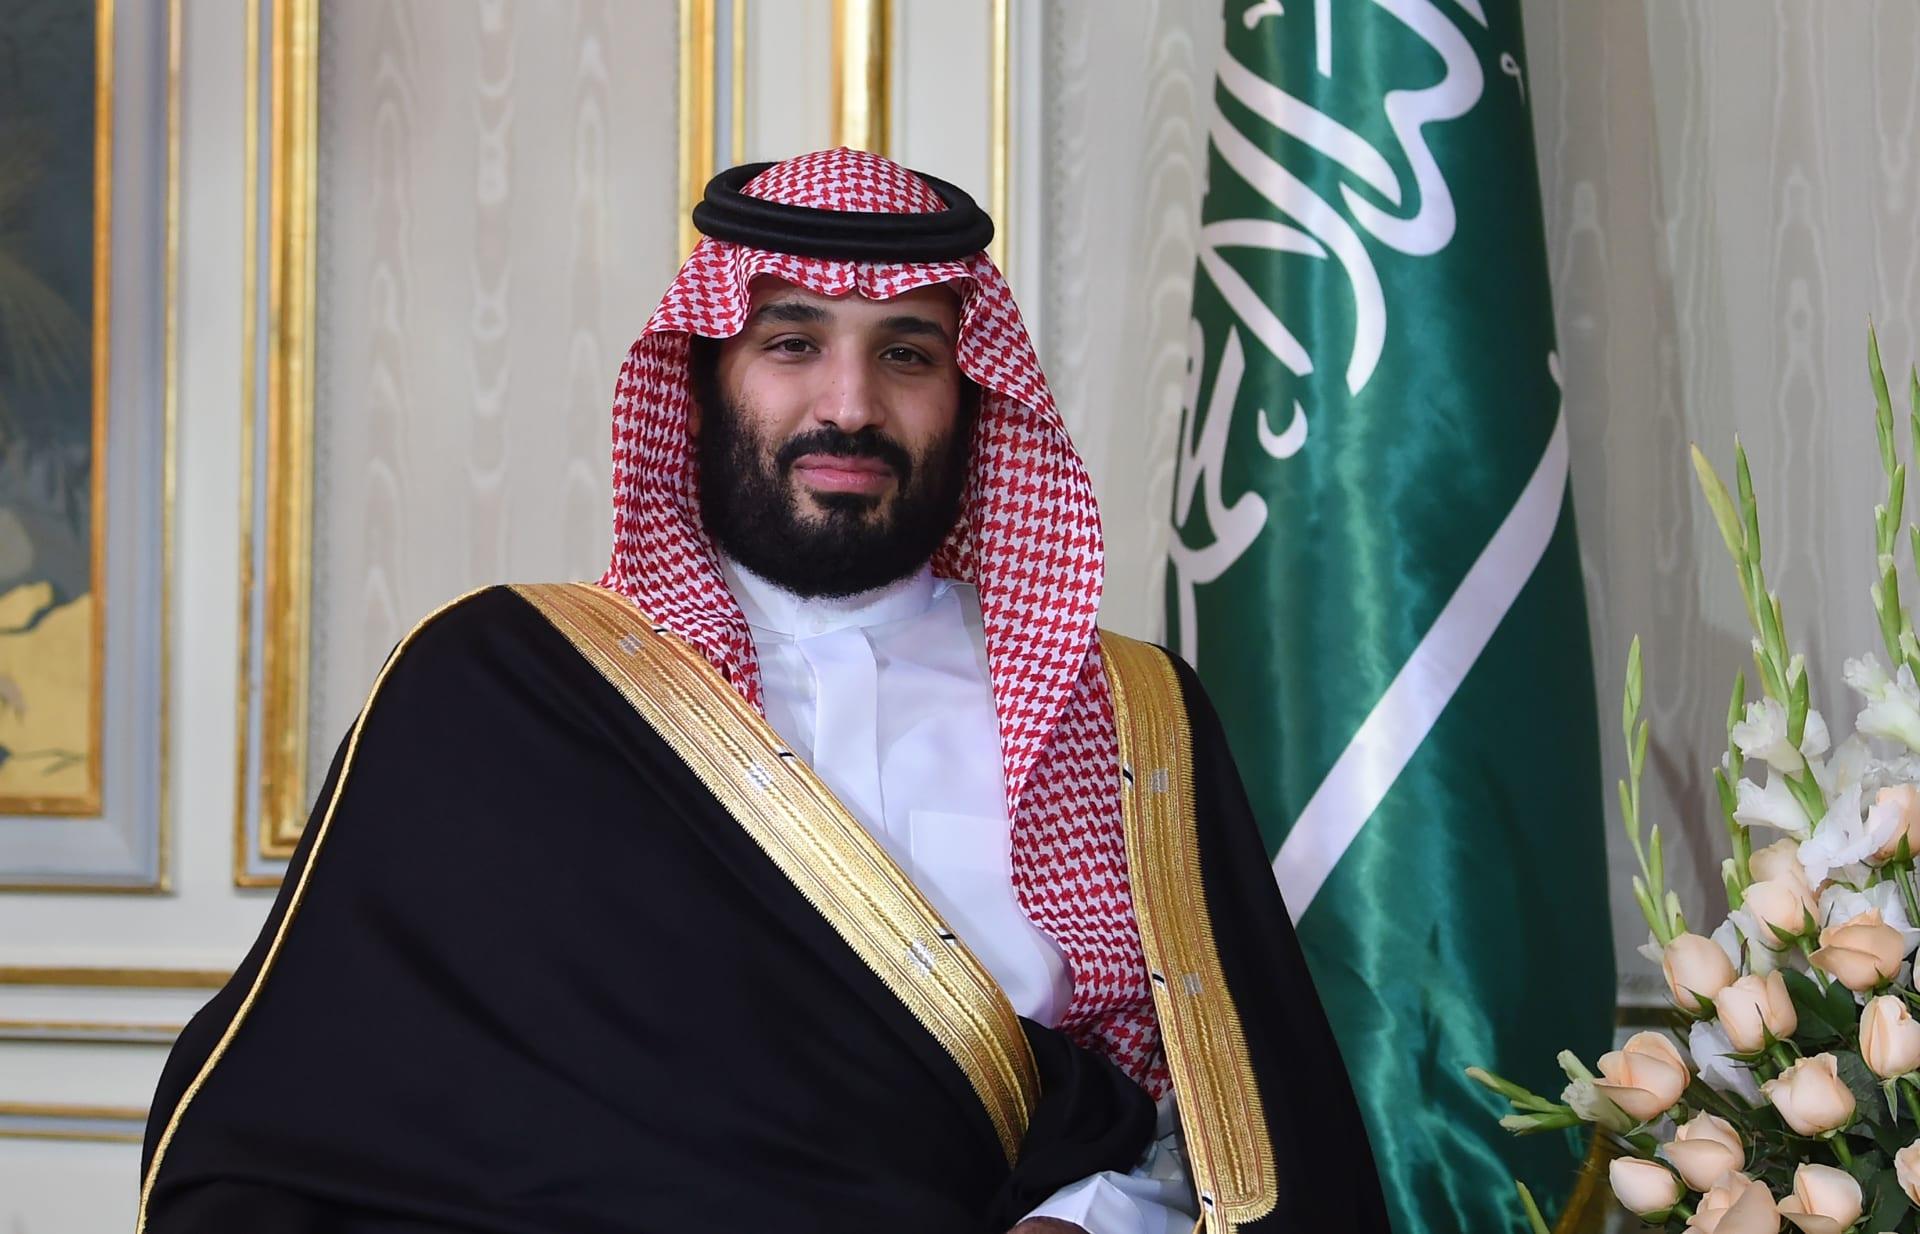 """""""سند محمد بن سلمان"""" تدعم حديثي الزواج مجدداً بـ23.9 مليون دولار"""